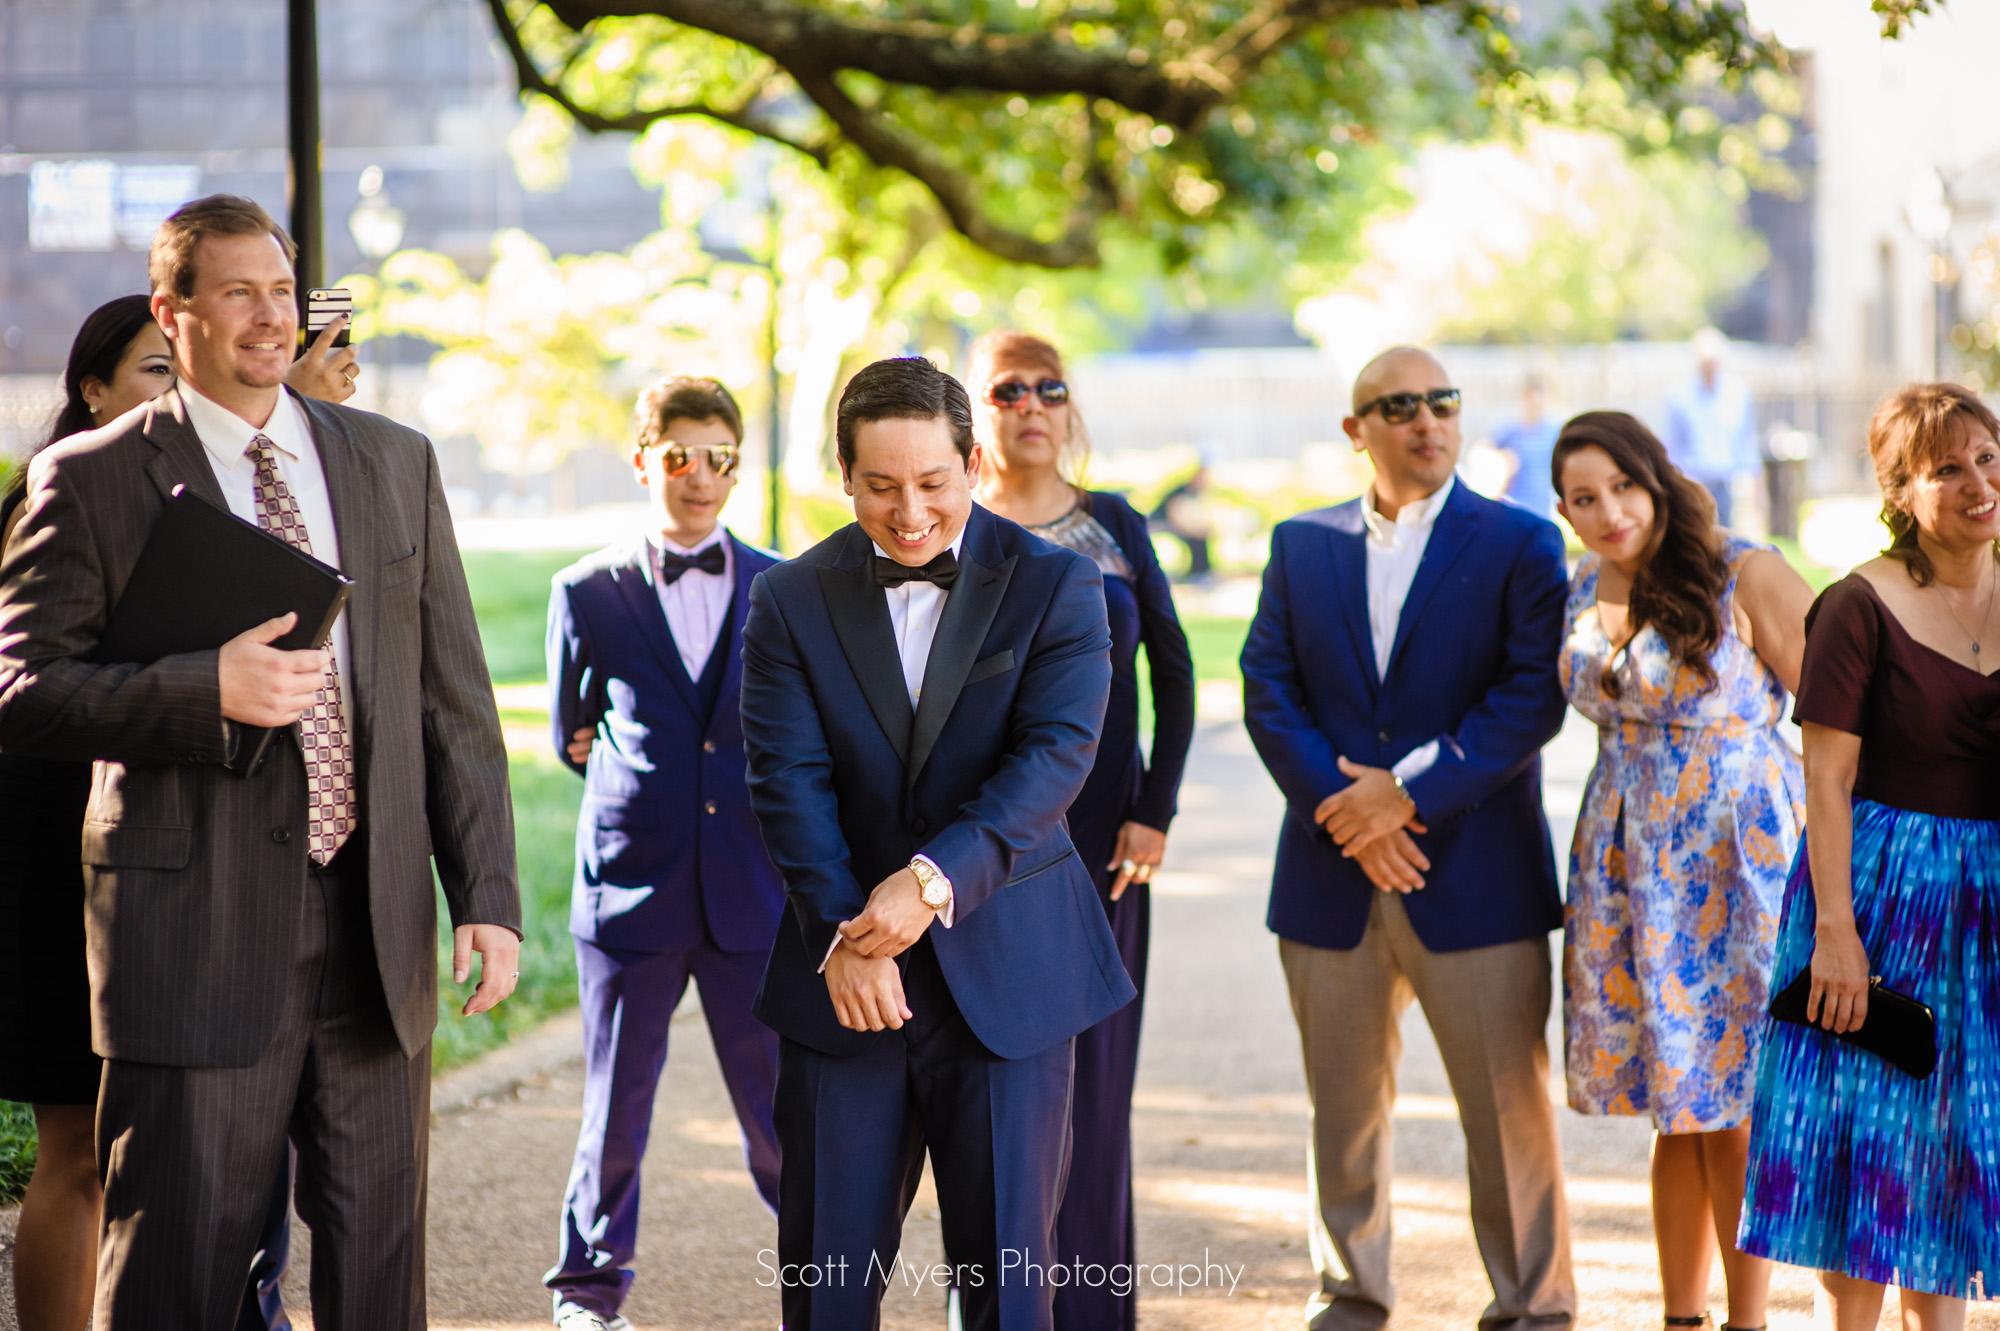 Scott_Myers_Wedding_New_Orleans_015.jpg